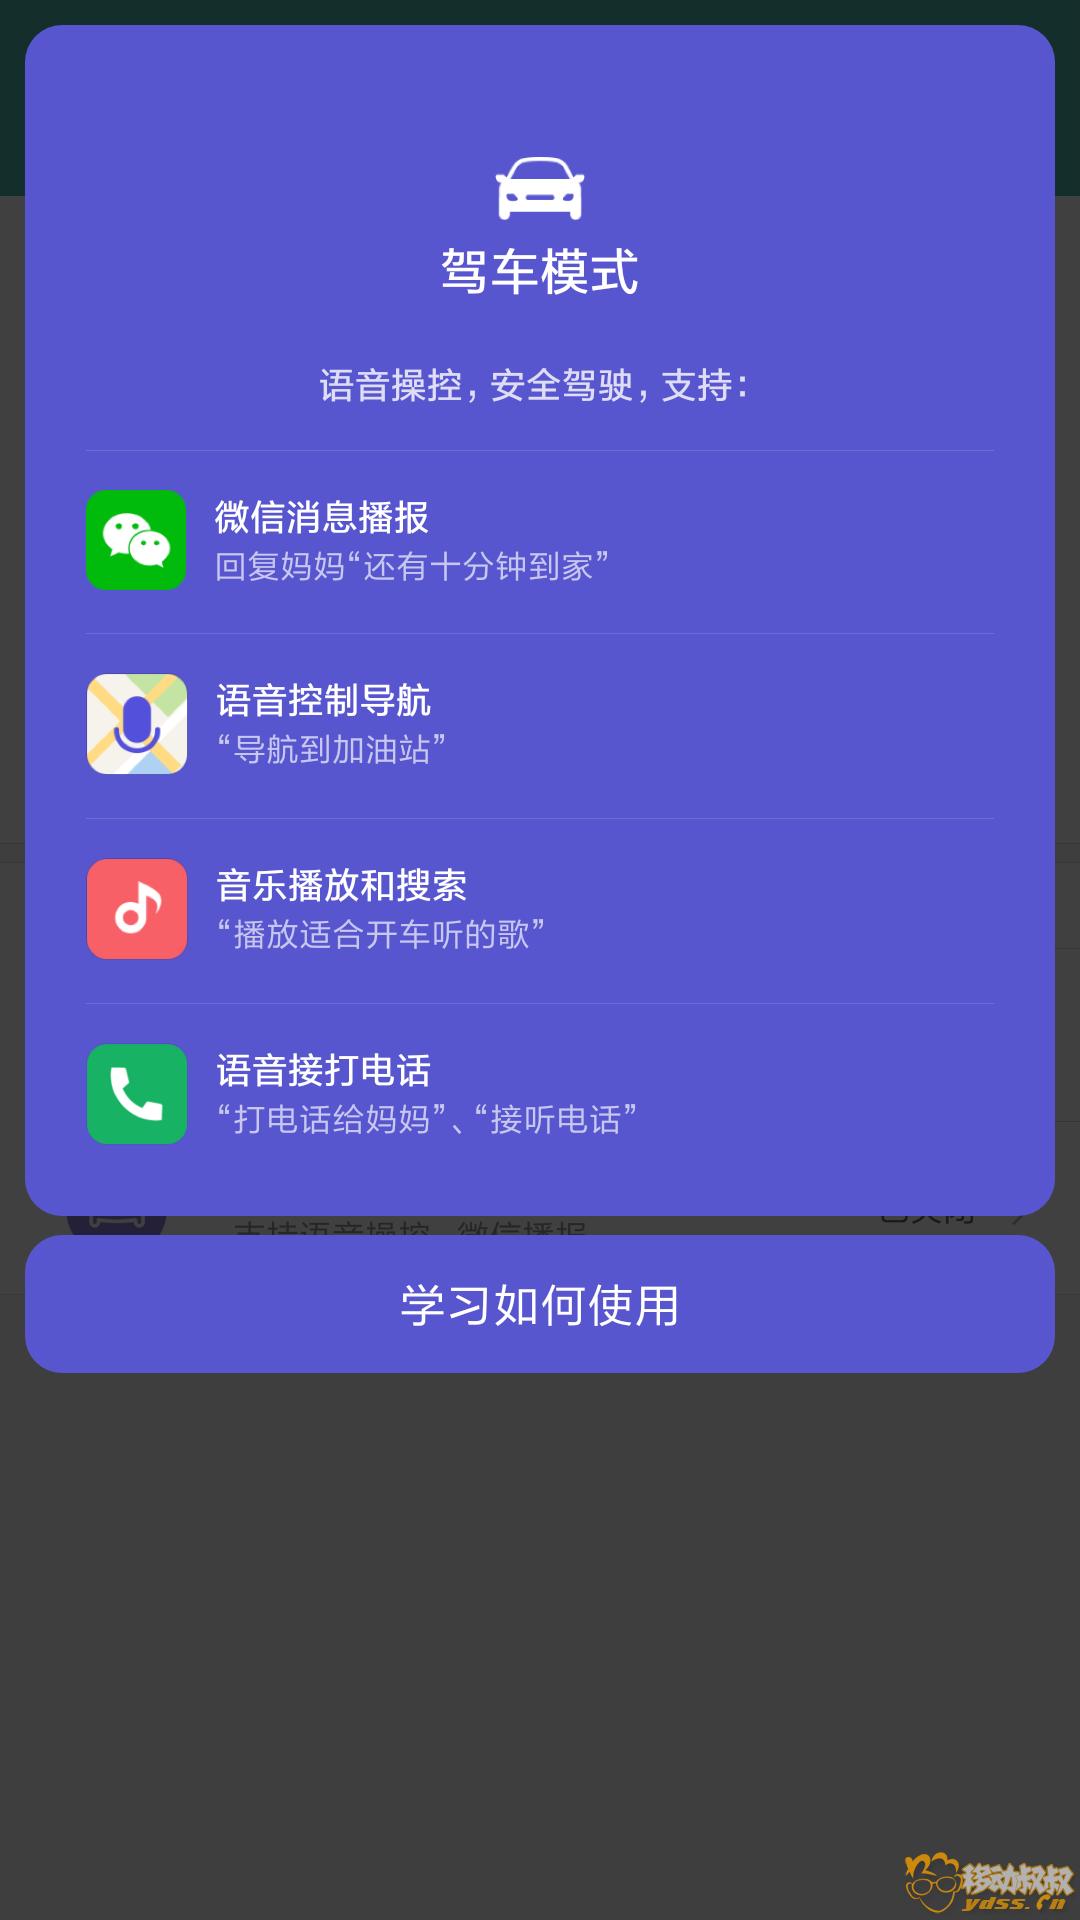 Screenshot_2018-07-07-08-39-26-414_com.xiaomi.drivemode.png